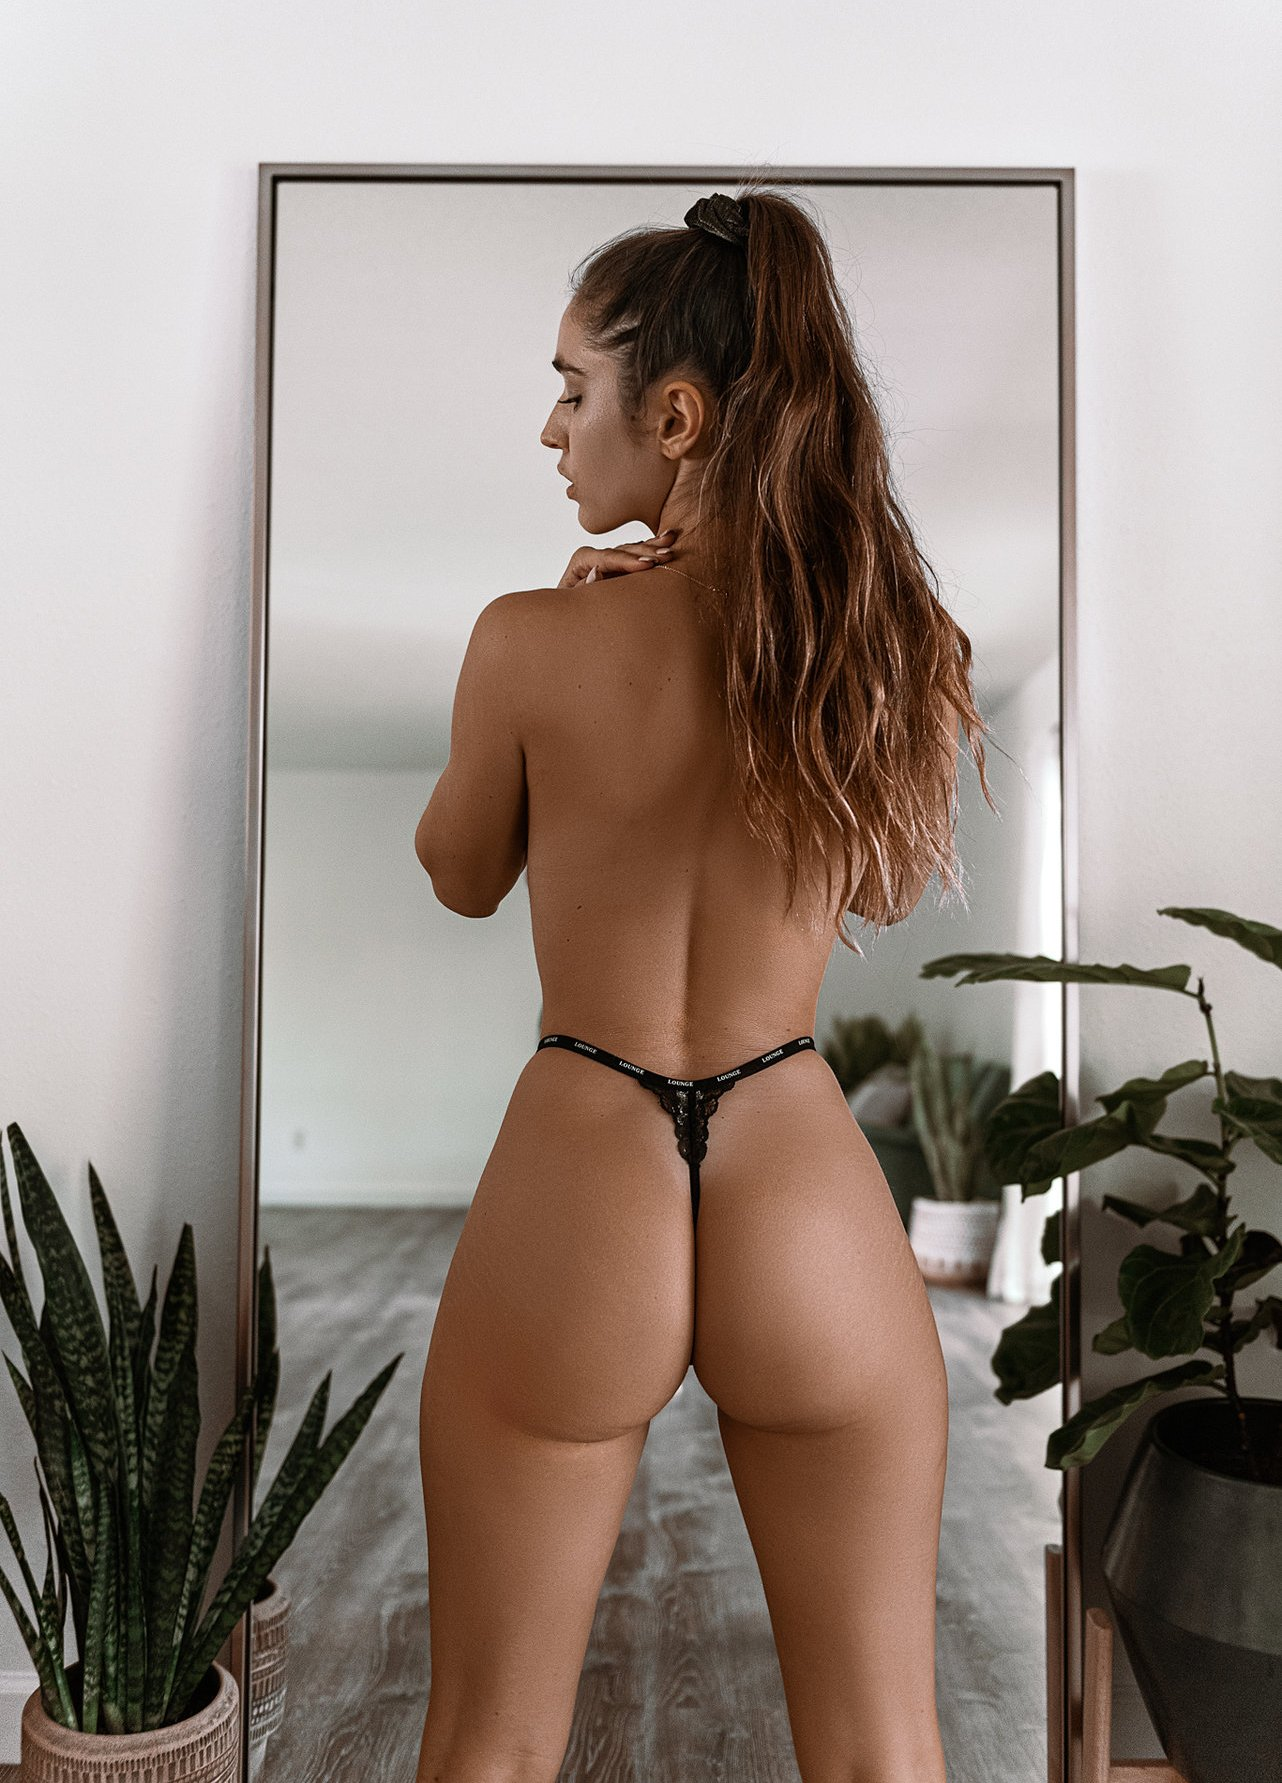 Natalie Roush Natalieroush Patreon Nude Leaks 0008